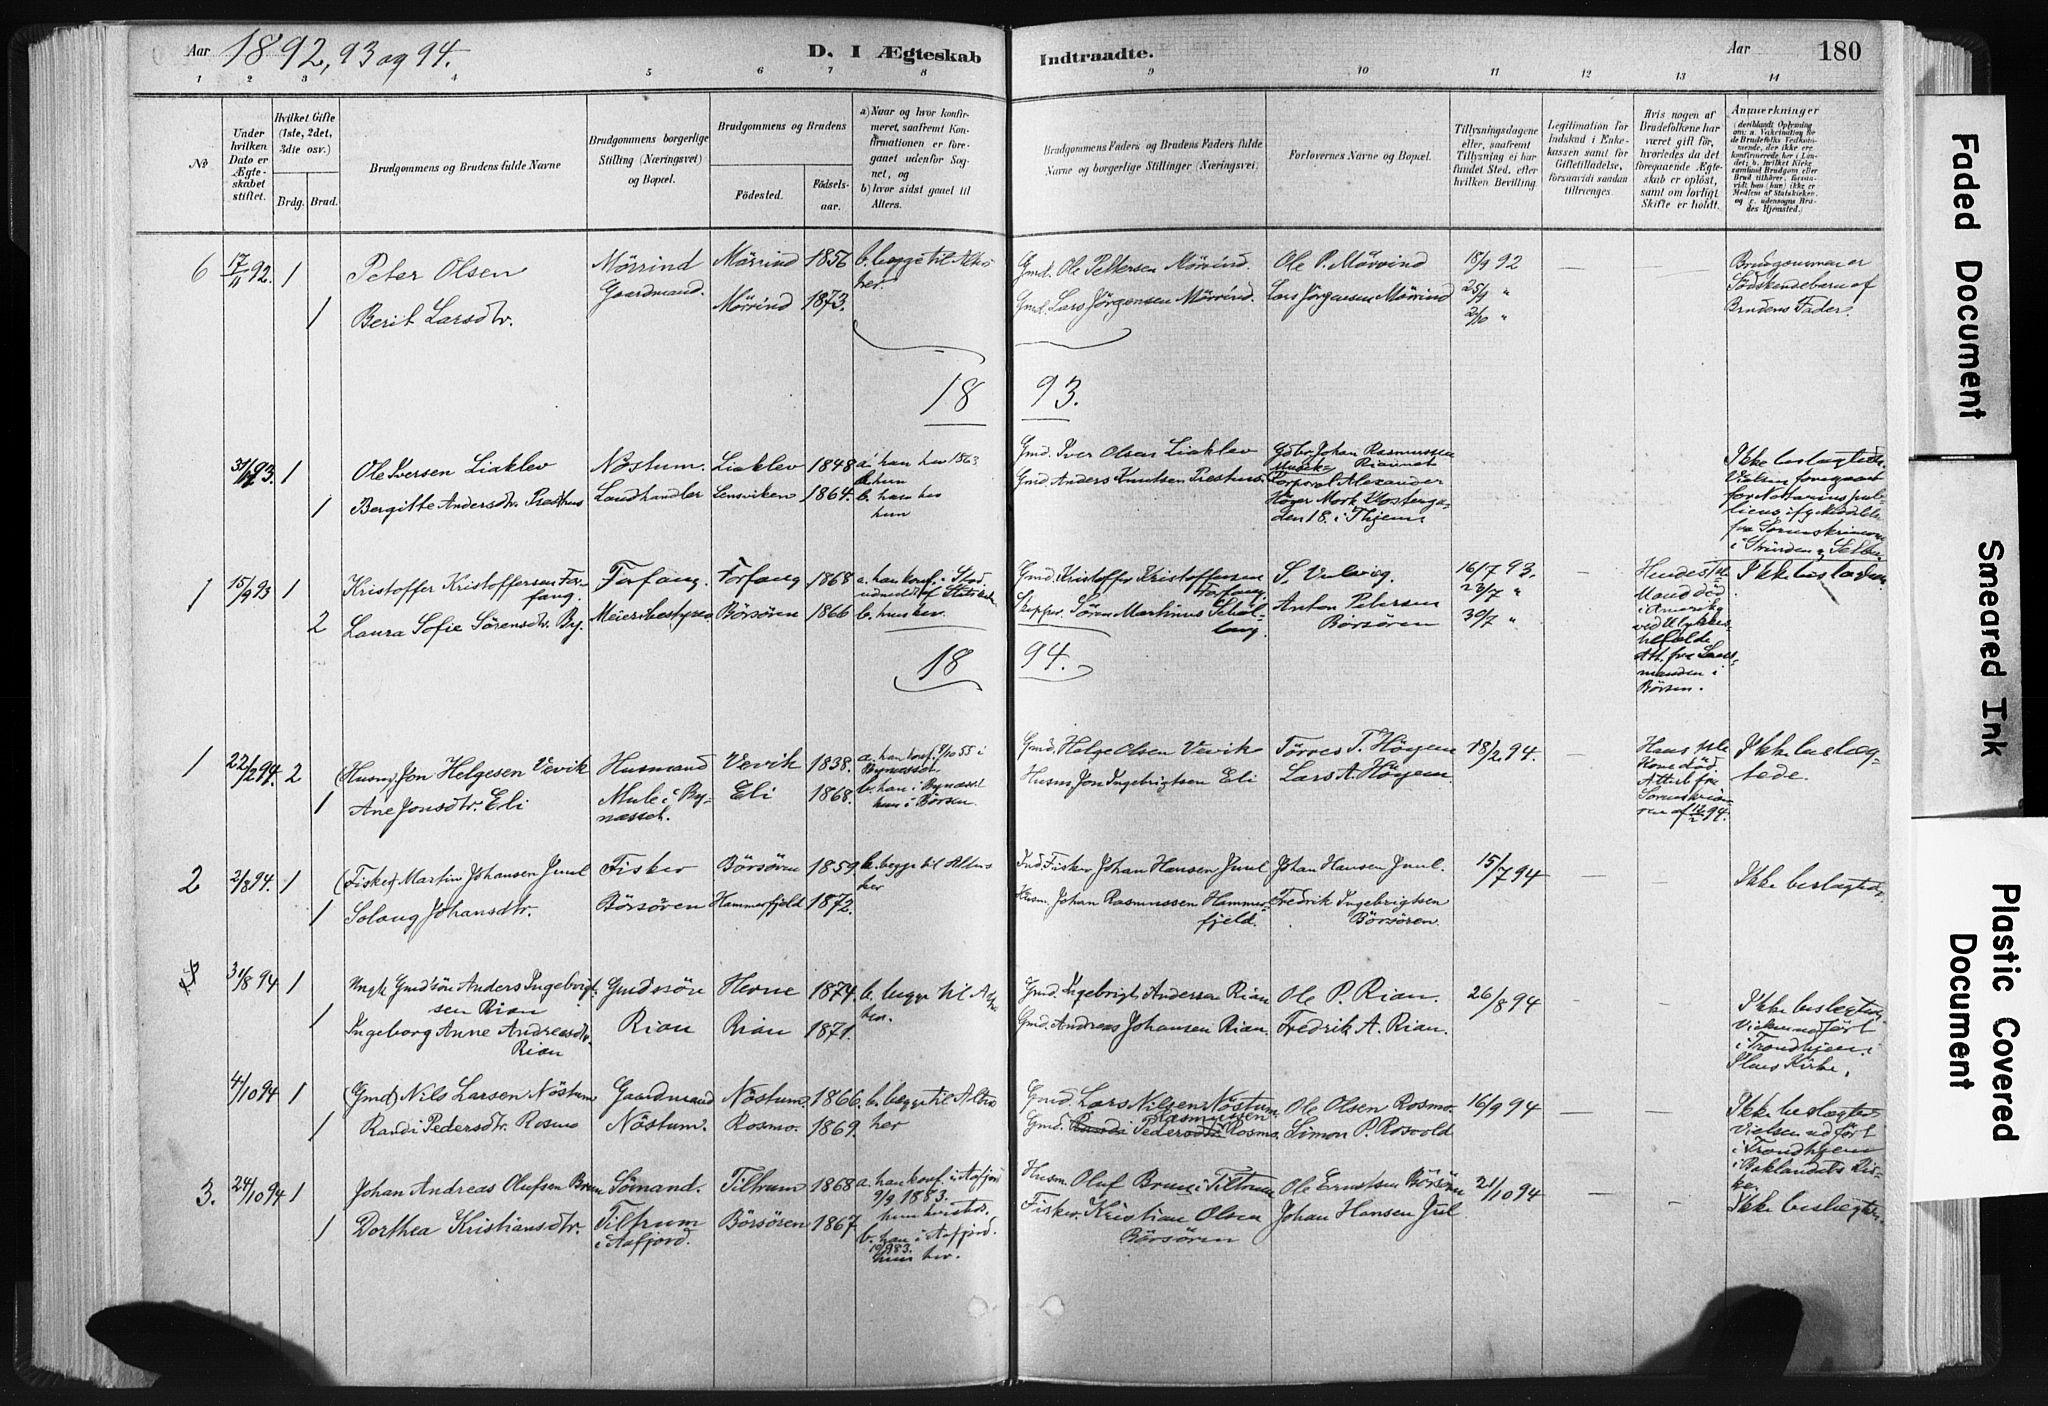 SAT, Ministerialprotokoller, klokkerbøker og fødselsregistre - Sør-Trøndelag, 665/L0773: Ministerialbok nr. 665A08, 1879-1905, s. 180